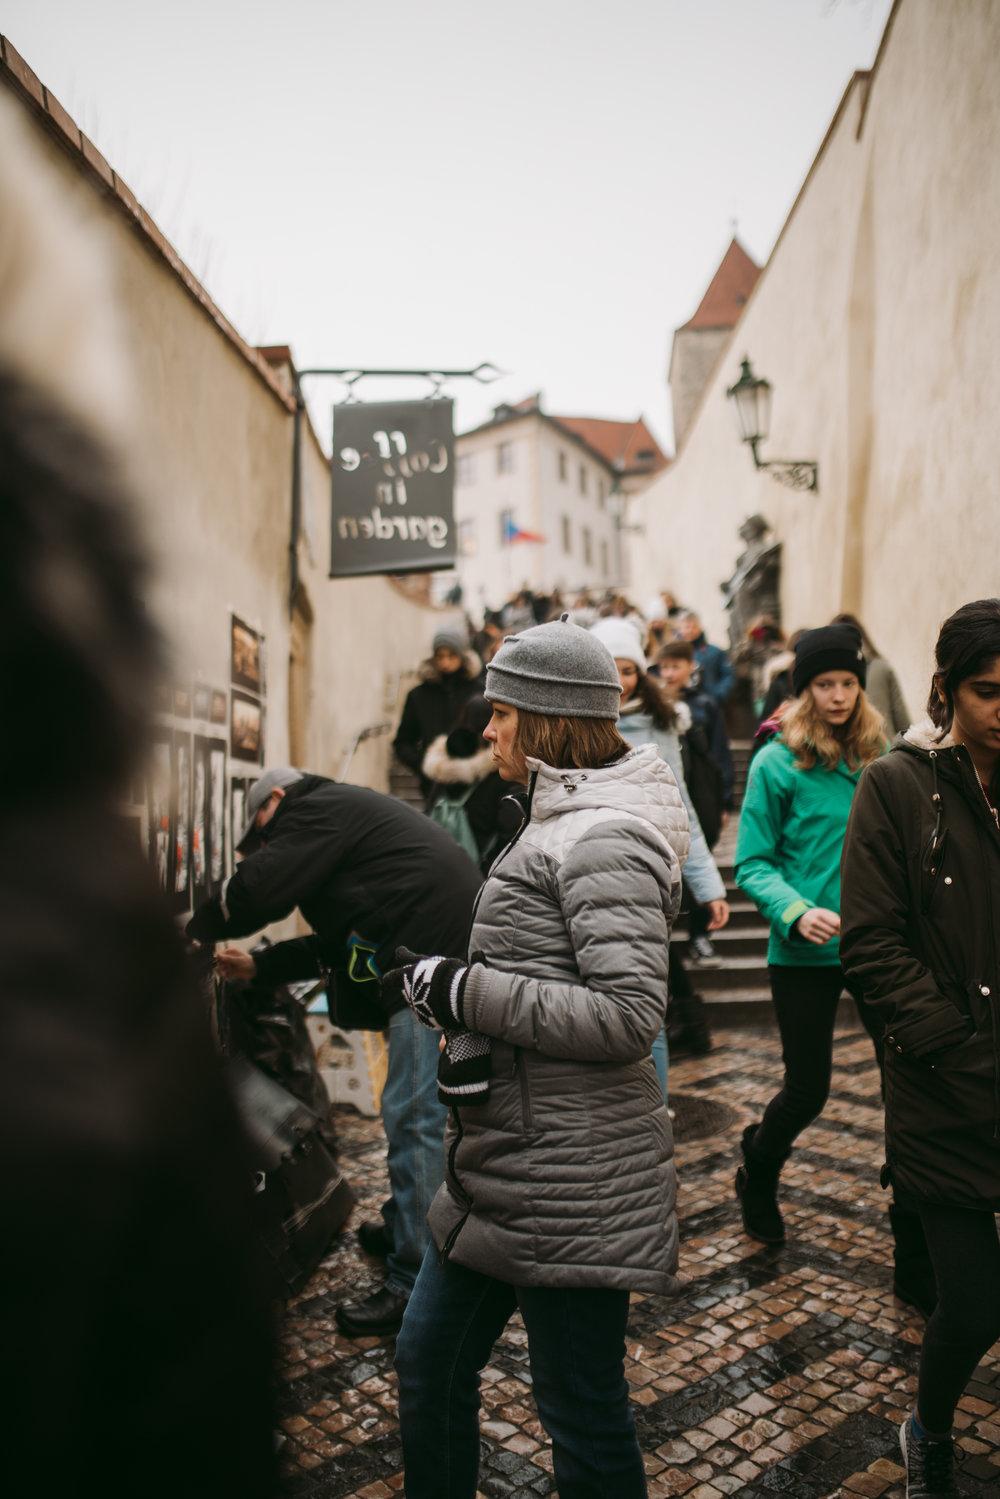 2018-3-7 Prague 141.jpg